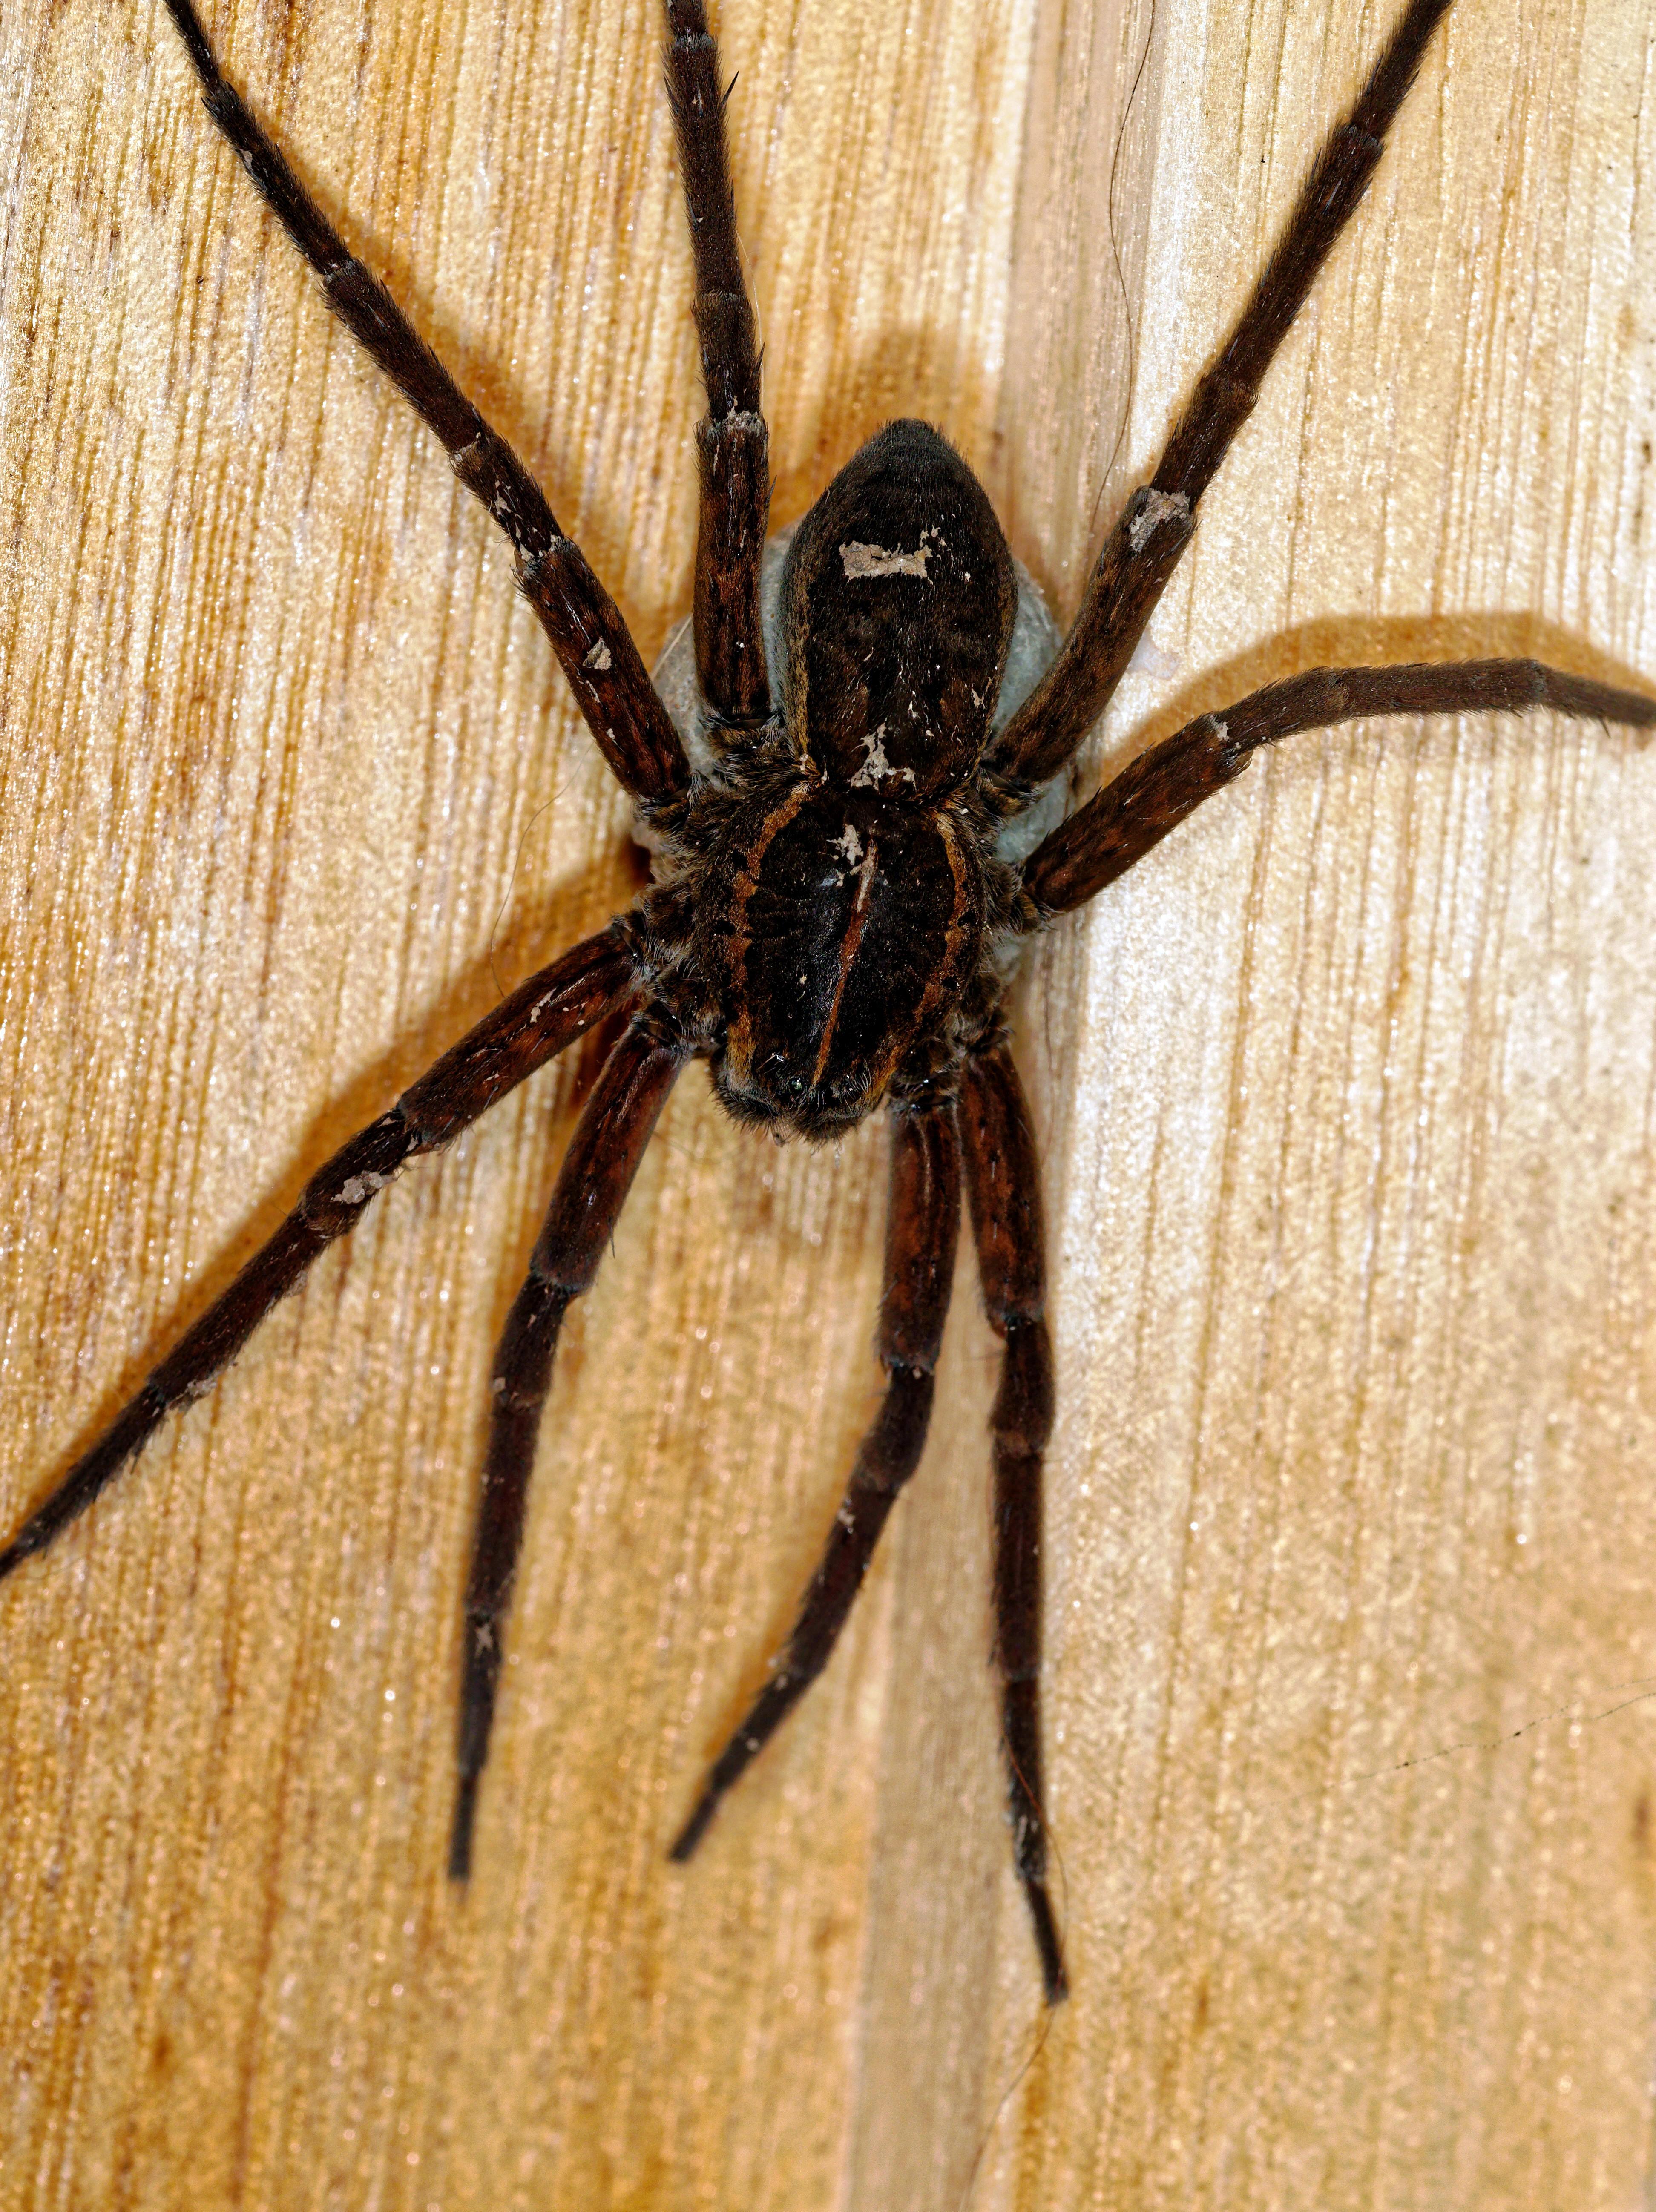 Spider-10.jpeg